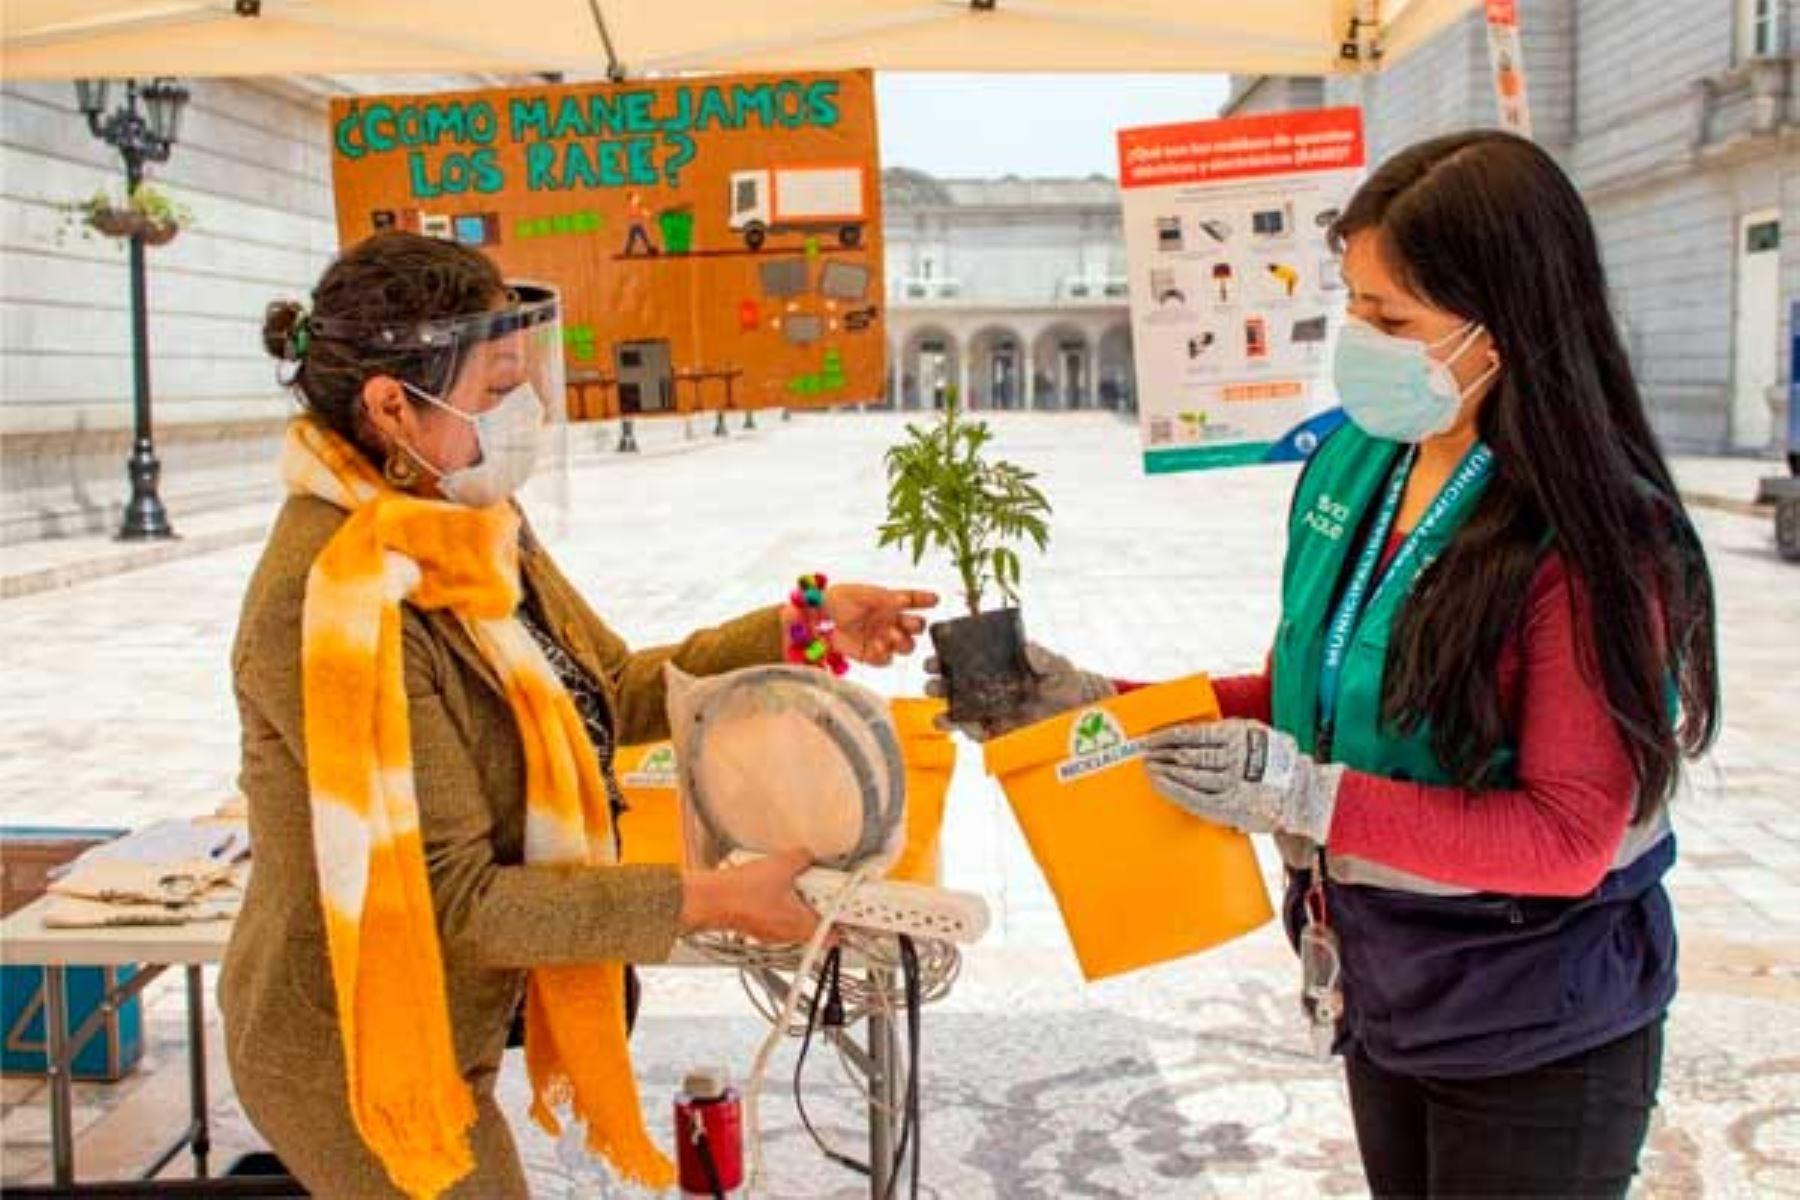 Para incentivar la participación, la comuna limeña obsequiará plantas, compost, bolsas de tela, pop sockets, así como cupones de descuento. Foto: ANDINA/MML